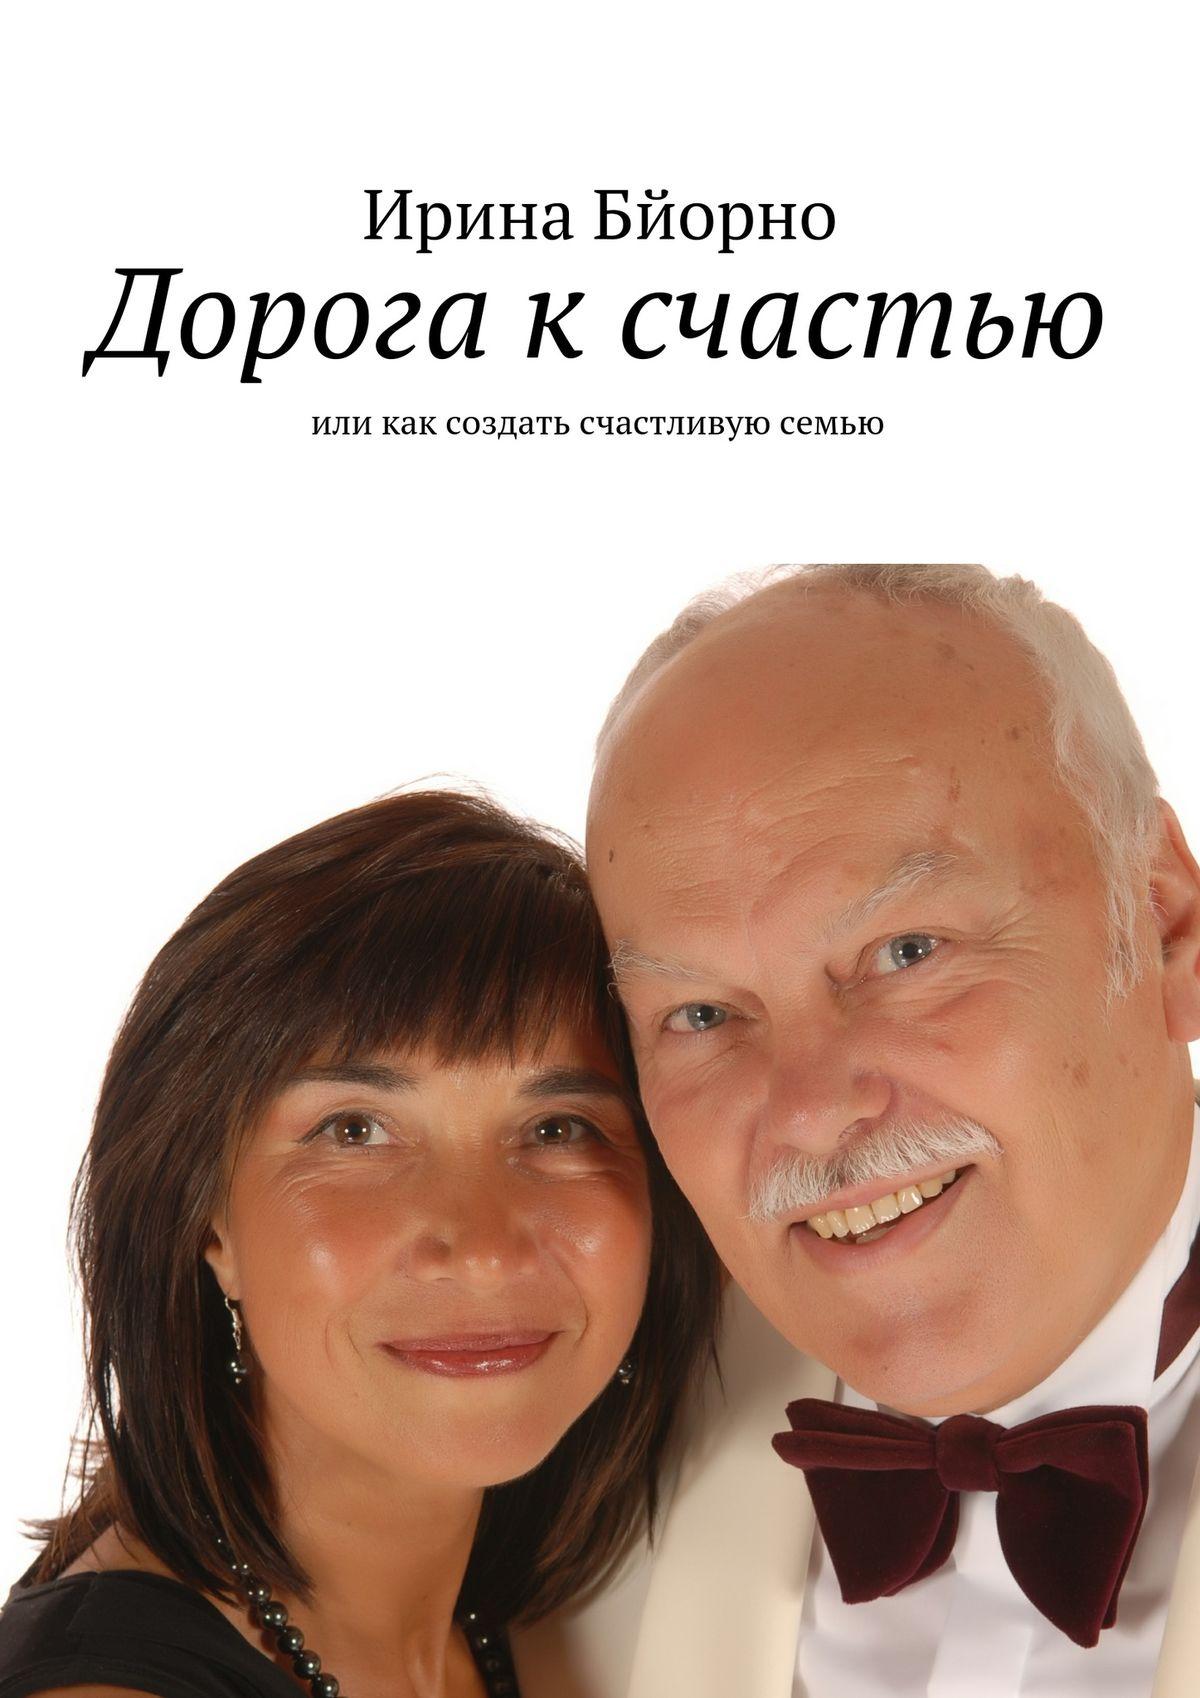 Ирина Бйорно Дорога к счастью а давыдова счастливая семья глазами мужчины и женщины